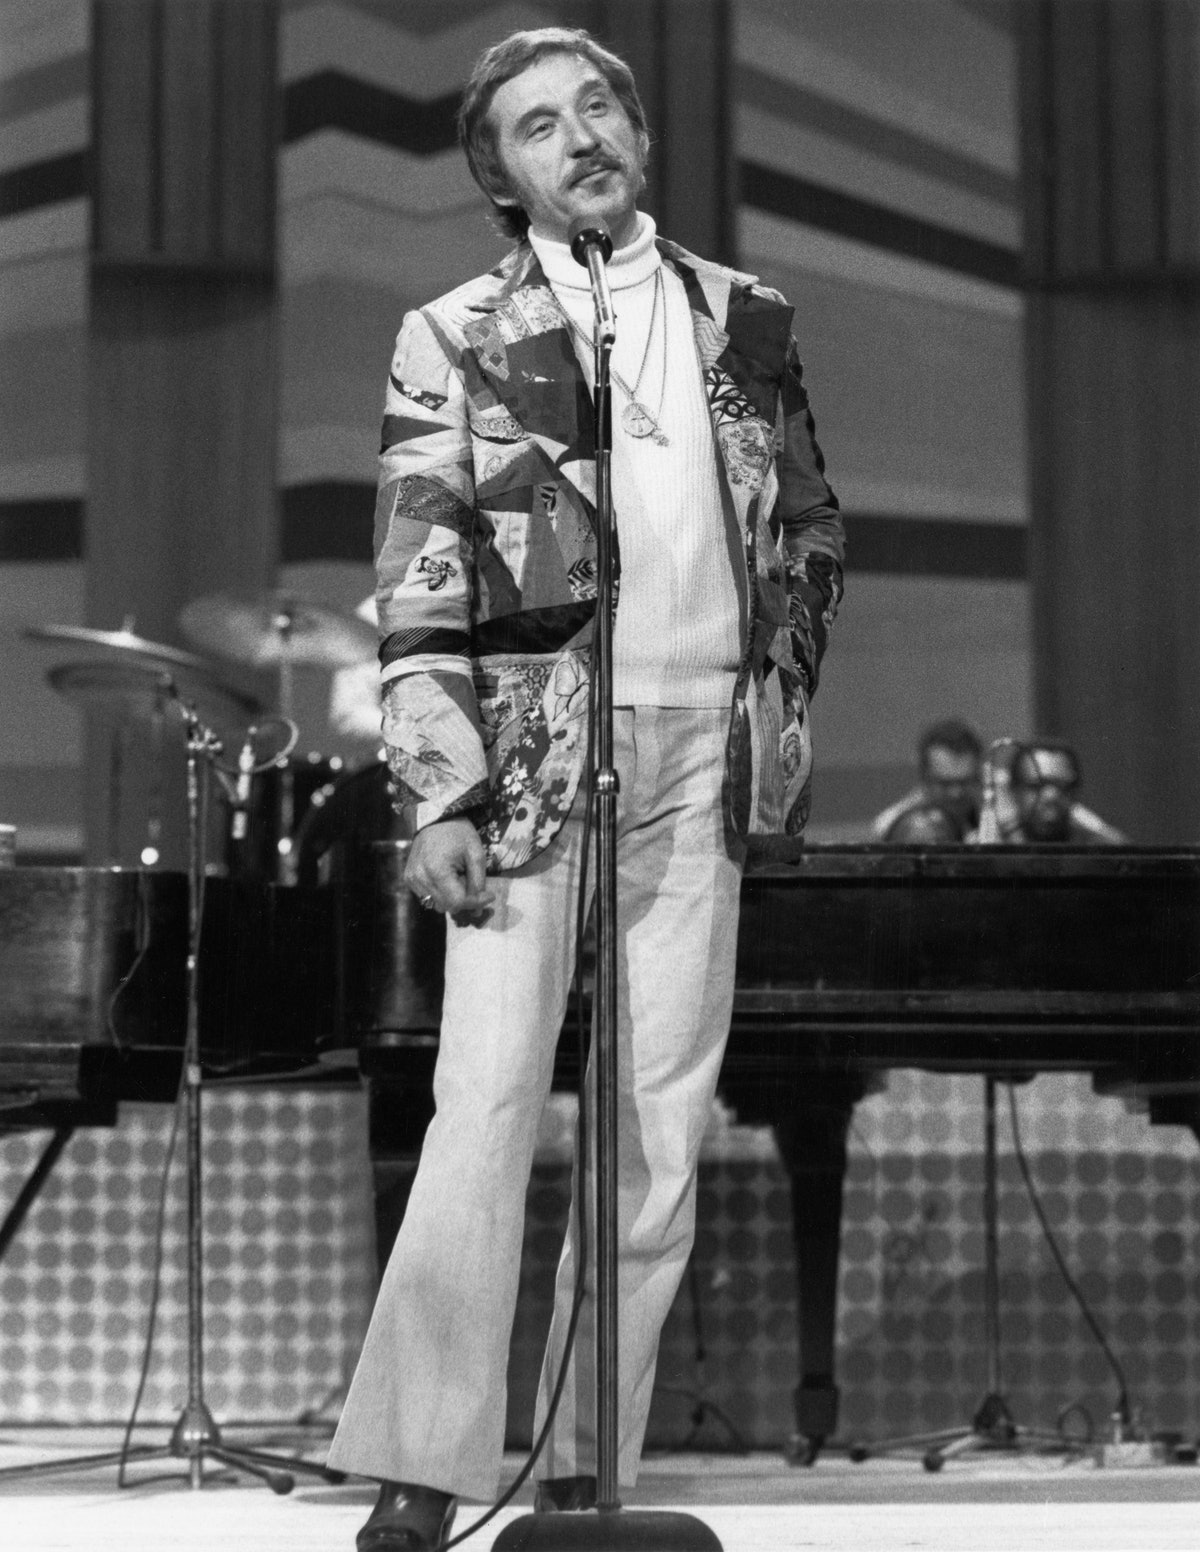 The Tonight Show host, Johnny Carson, circa 1970.